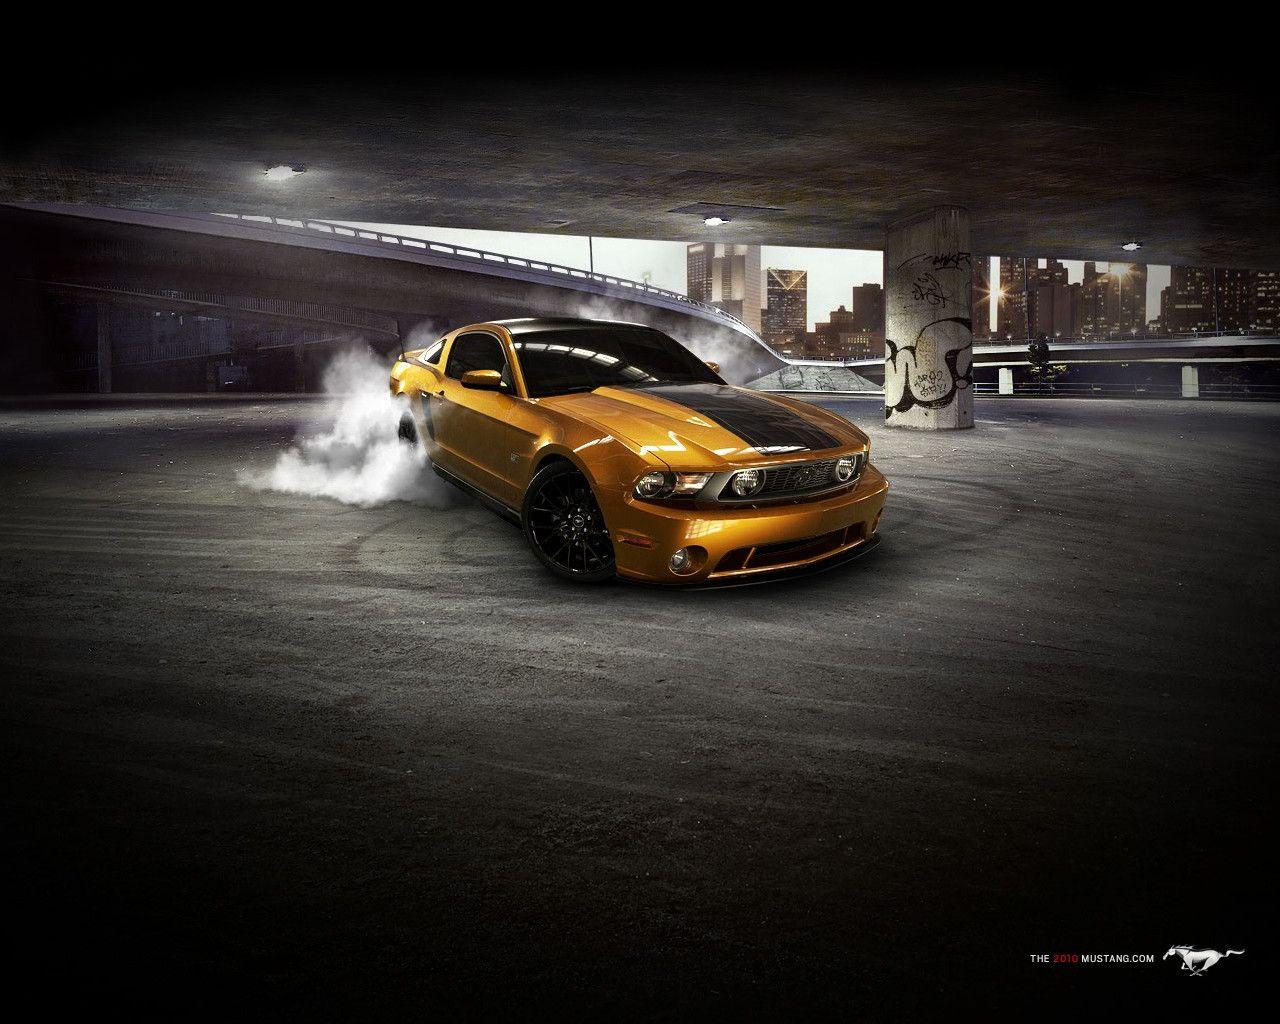 Hd Wallpapers Mustang Gt Black Wallpapers For Desktop 1280x1024